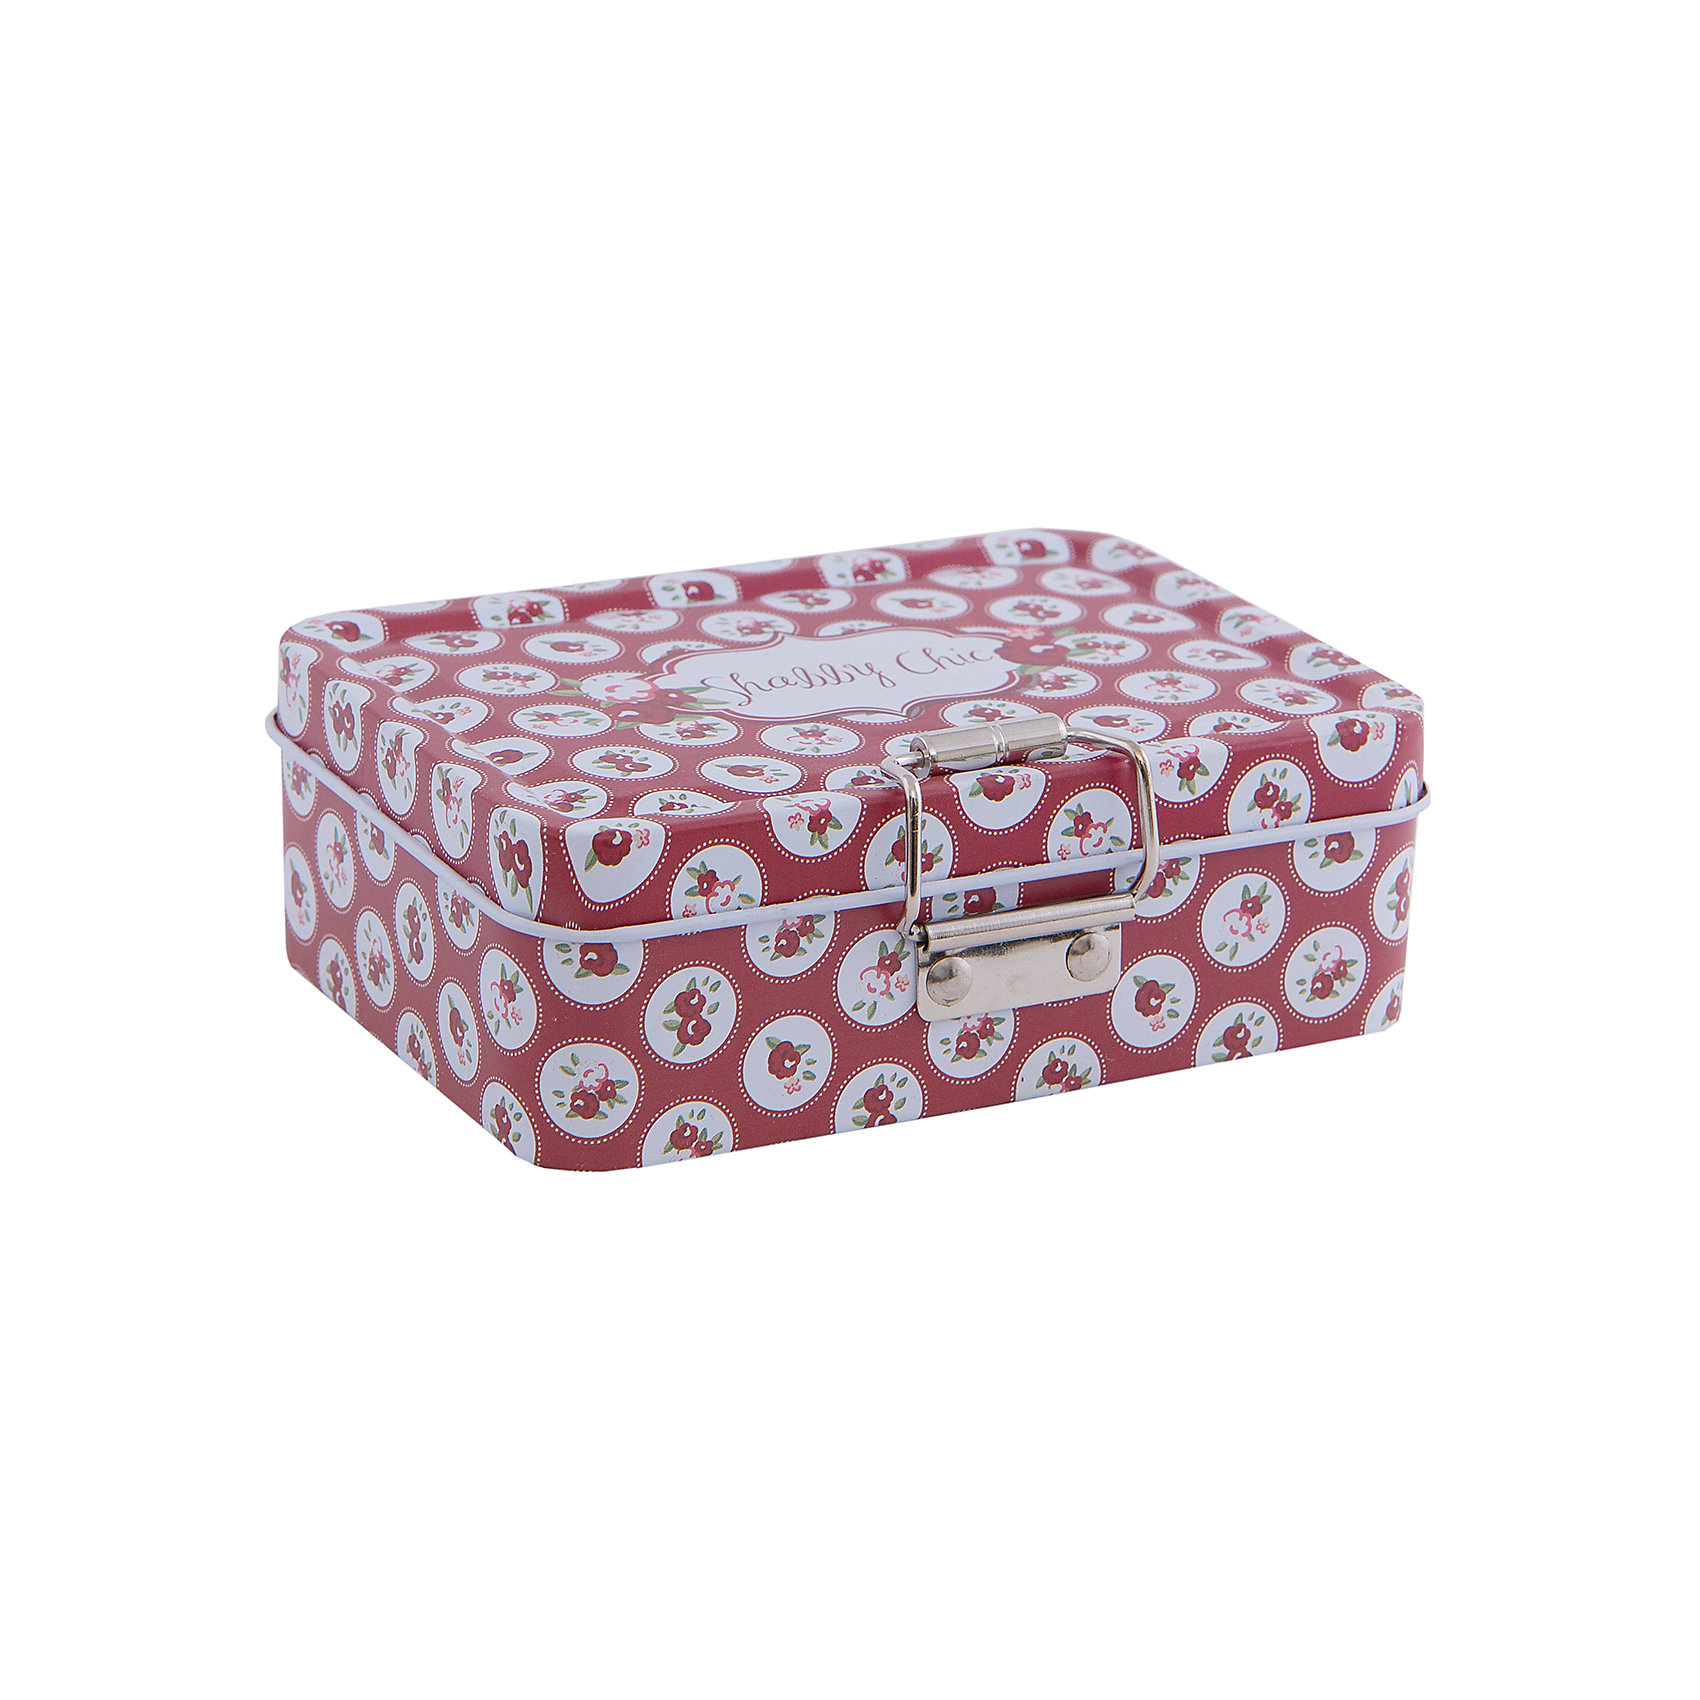 Коробка для безделушек и мелочей Шебби шик красная (12.5*9*4см)Предметы интерьера<br>Коробка для безделушек и мелочей Шебби шик красная изготовлена из металла, закрывается крышкой и застежкой, есть съемное отделение. Коробка украшена симпатичным рисунком, достаточно вместительная и отлично подойдет для хранения небольших вещей. Такая коробка приятно дополнит интерьер комнаты или станет восхитительным подарком близкому человеку.<br><br>Дополнительная информация:<br>Дополнительное съемное отделение<br>Материал:  металл<br>Размер: 12,5х9х4 см<br>Коробку для безделушек и мелочей Шебби шик красная вы можете купить в нашем интернет-магазине.<br><br>Ширина мм: 310<br>Глубина мм: 460<br>Высота мм: 460<br>Вес г: 151<br>Возраст от месяцев: 84<br>Возраст до месяцев: 216<br>Пол: Унисекс<br>Возраст: Детский<br>SKU: 4957959